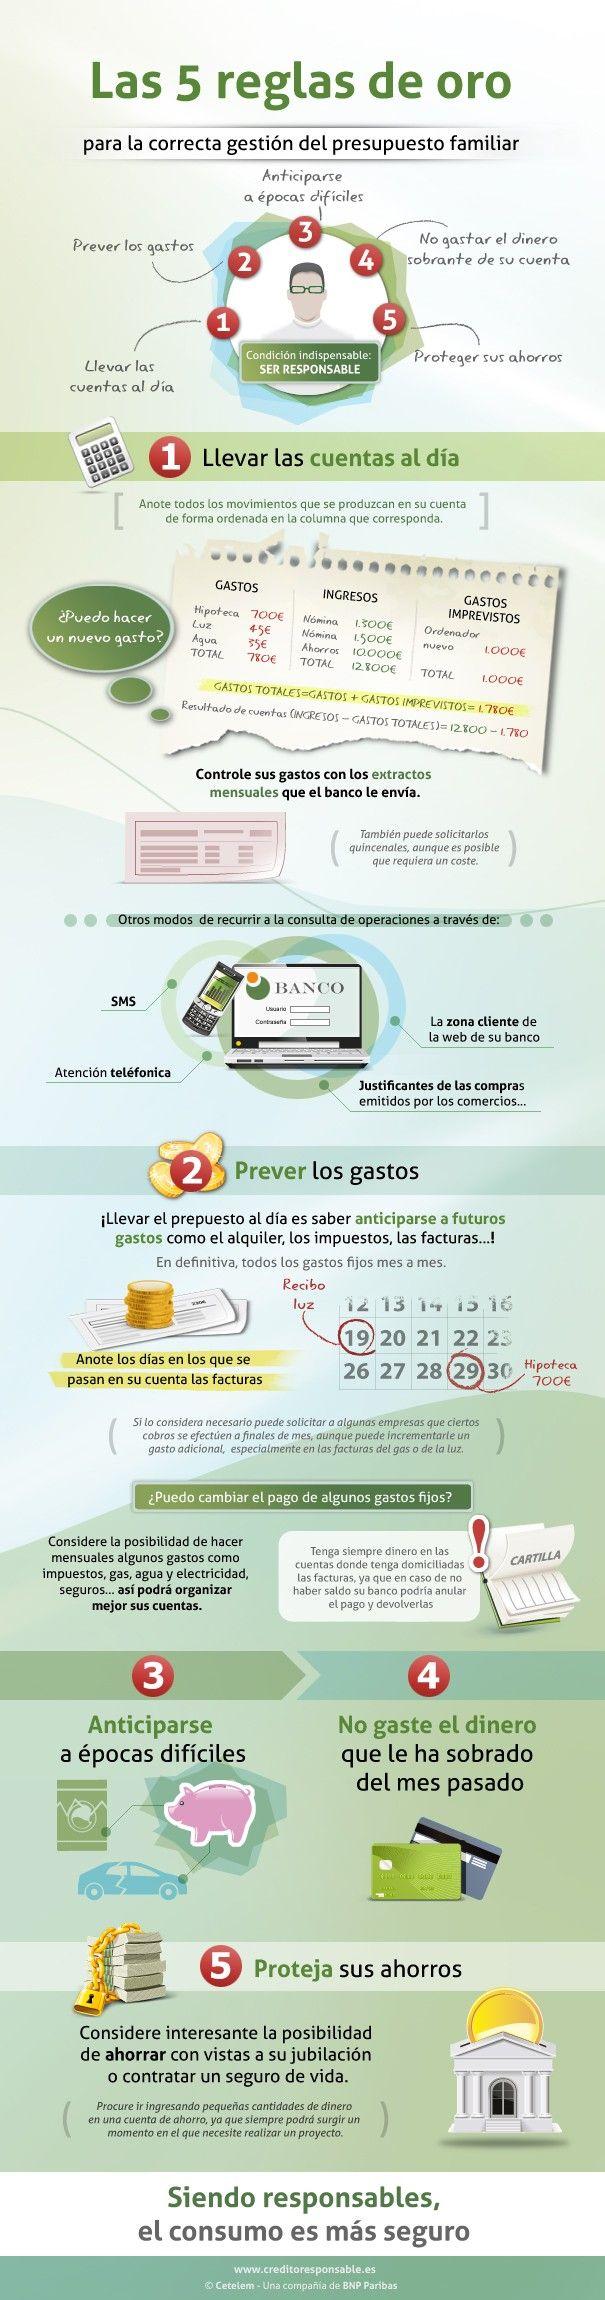 Hola: Una infografía con las 5 reglas de oro en la gestión del presupuesto familiar. Un saludo